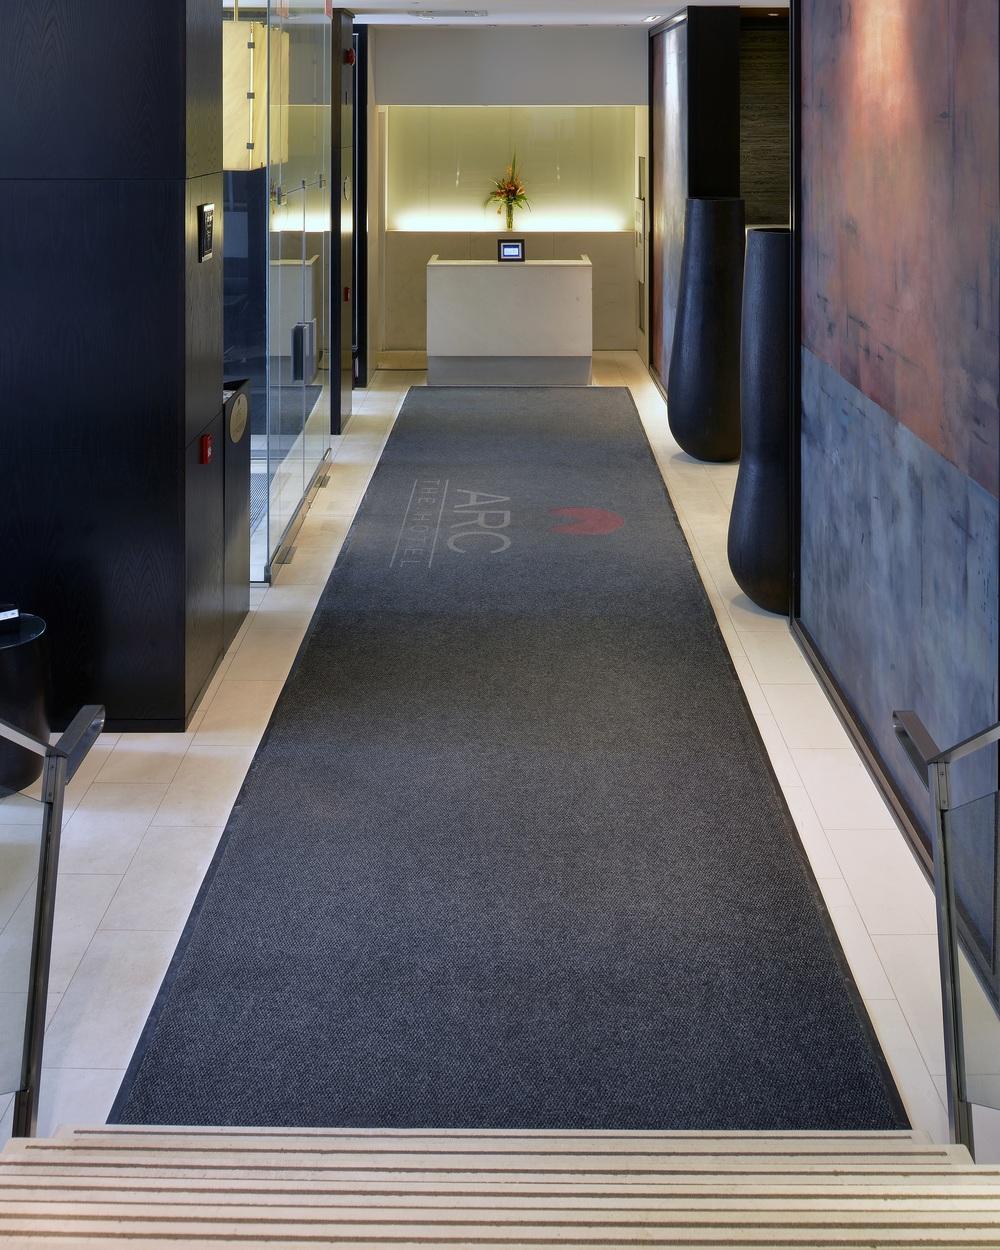 ARC Lobby 007 - 25.jpg